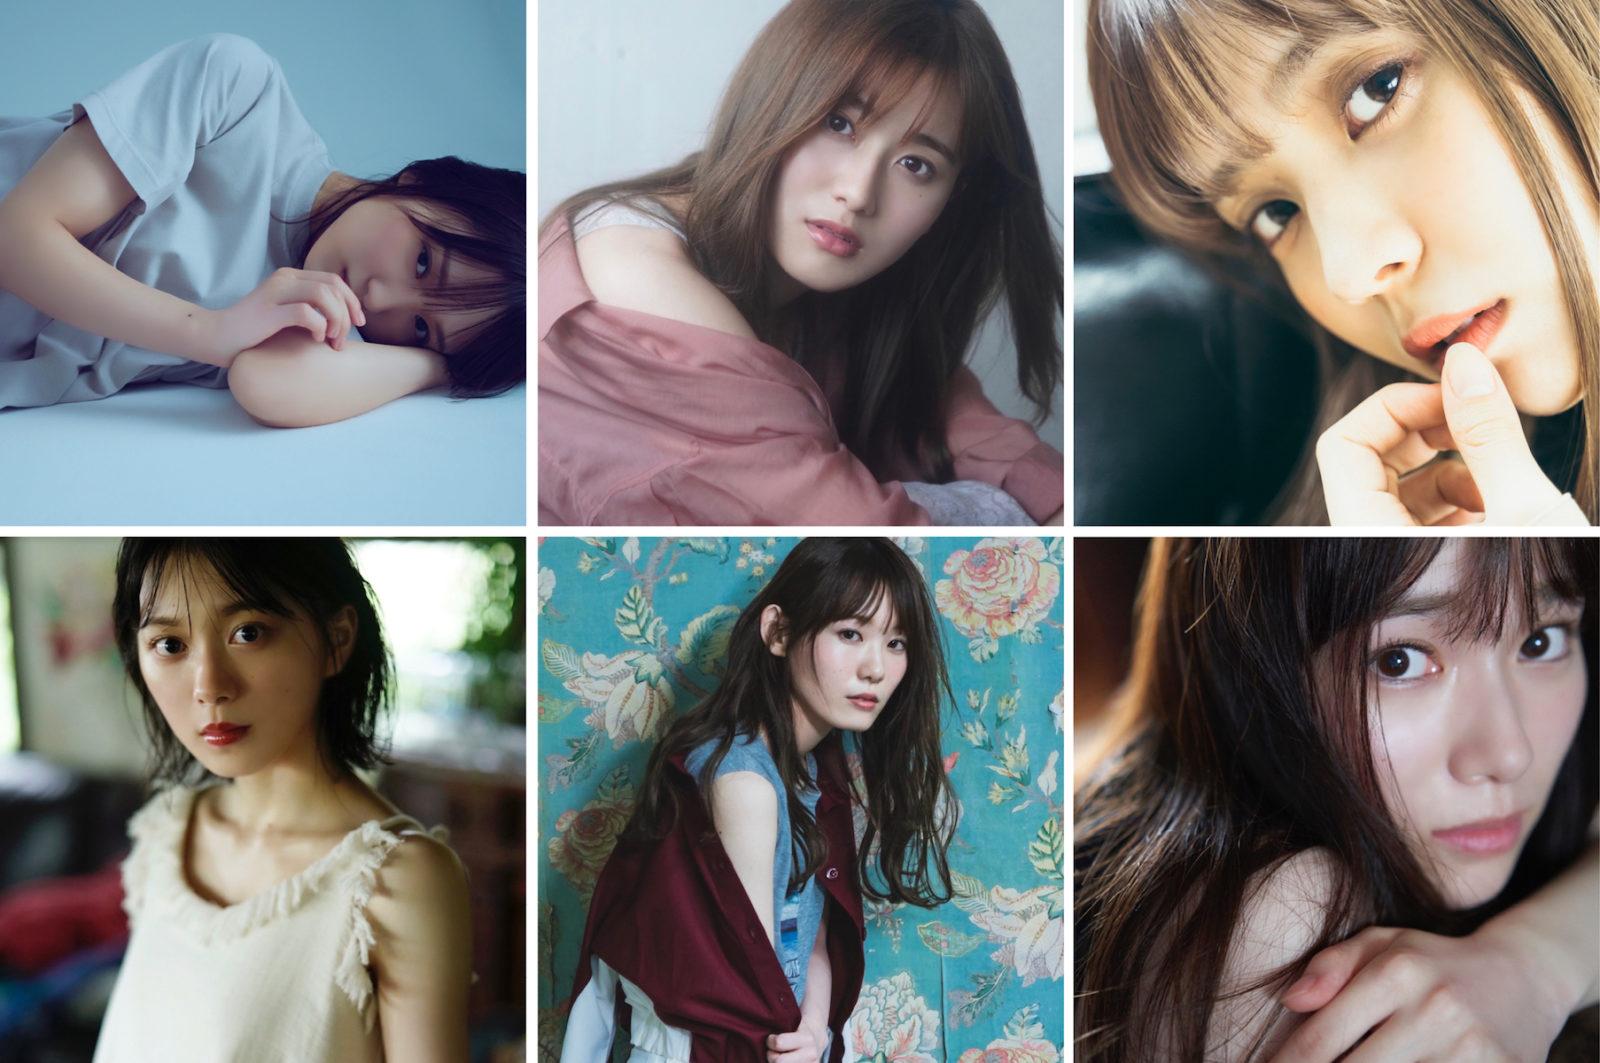 欅坂46メンバー6人、それぞれの魅力全開のソロショットが公開サムネイル画像